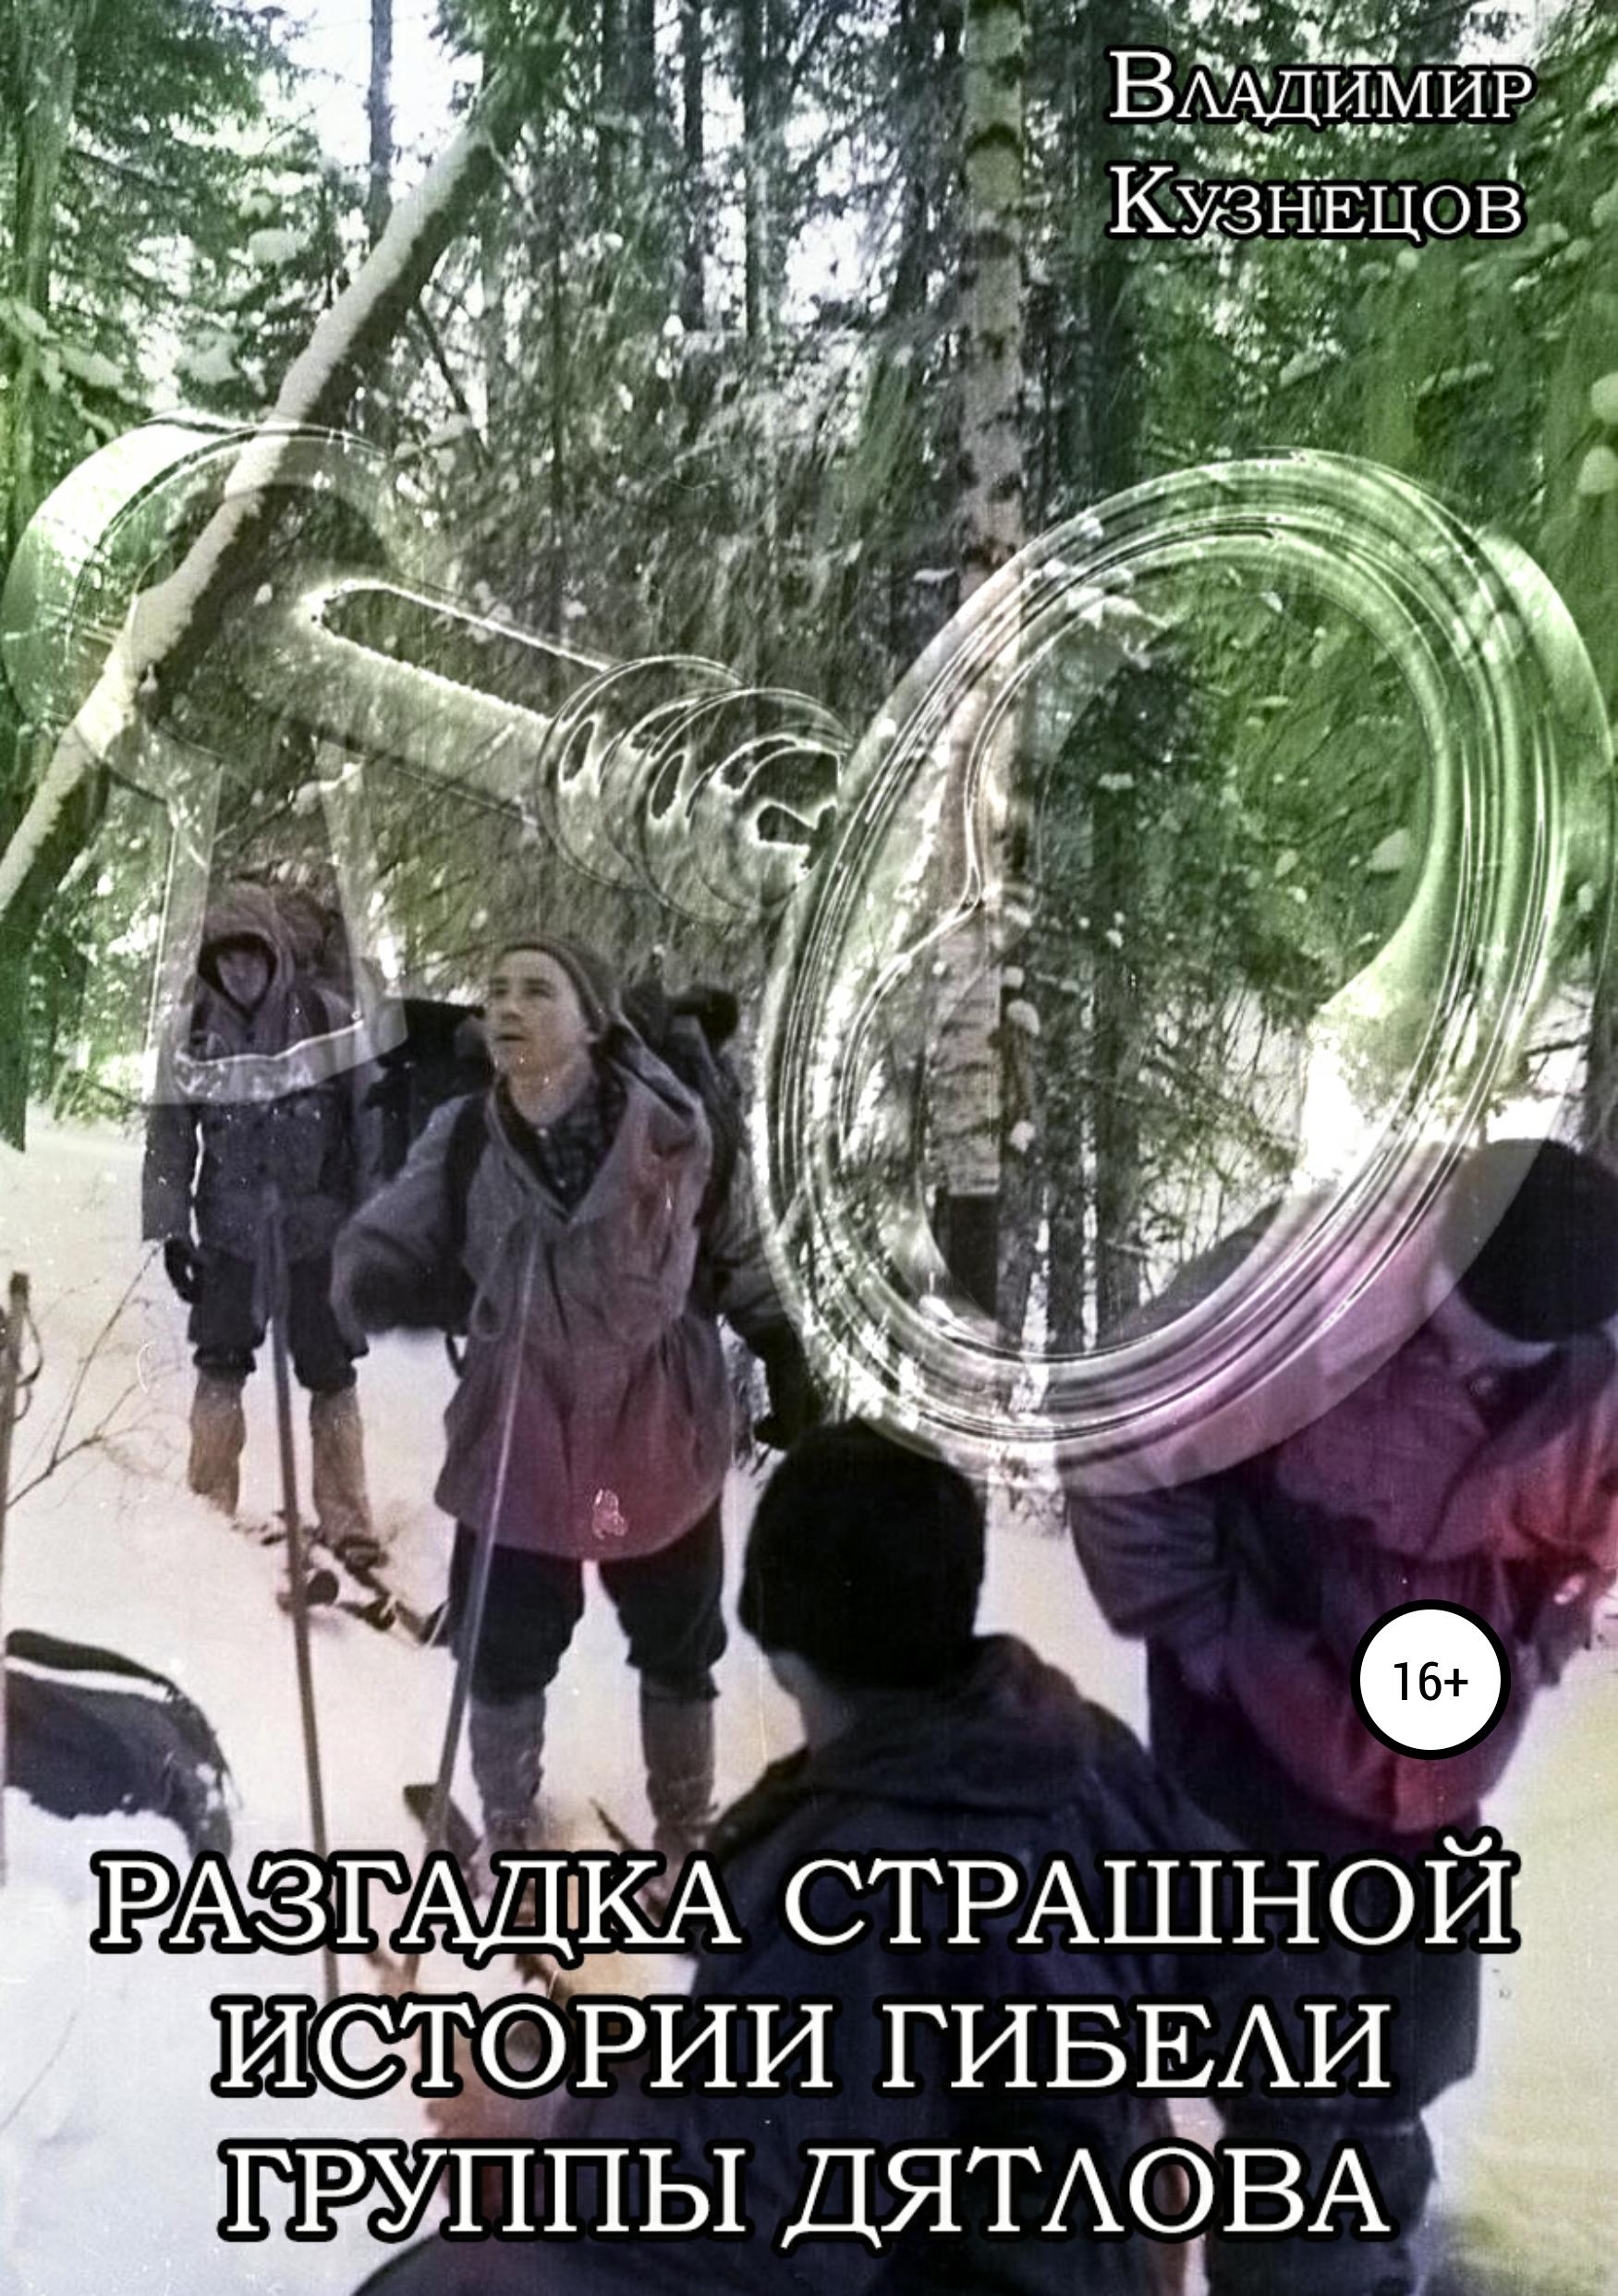 Владимир Кузнецов - Разгадка страшной истории гибели группы Дятлова